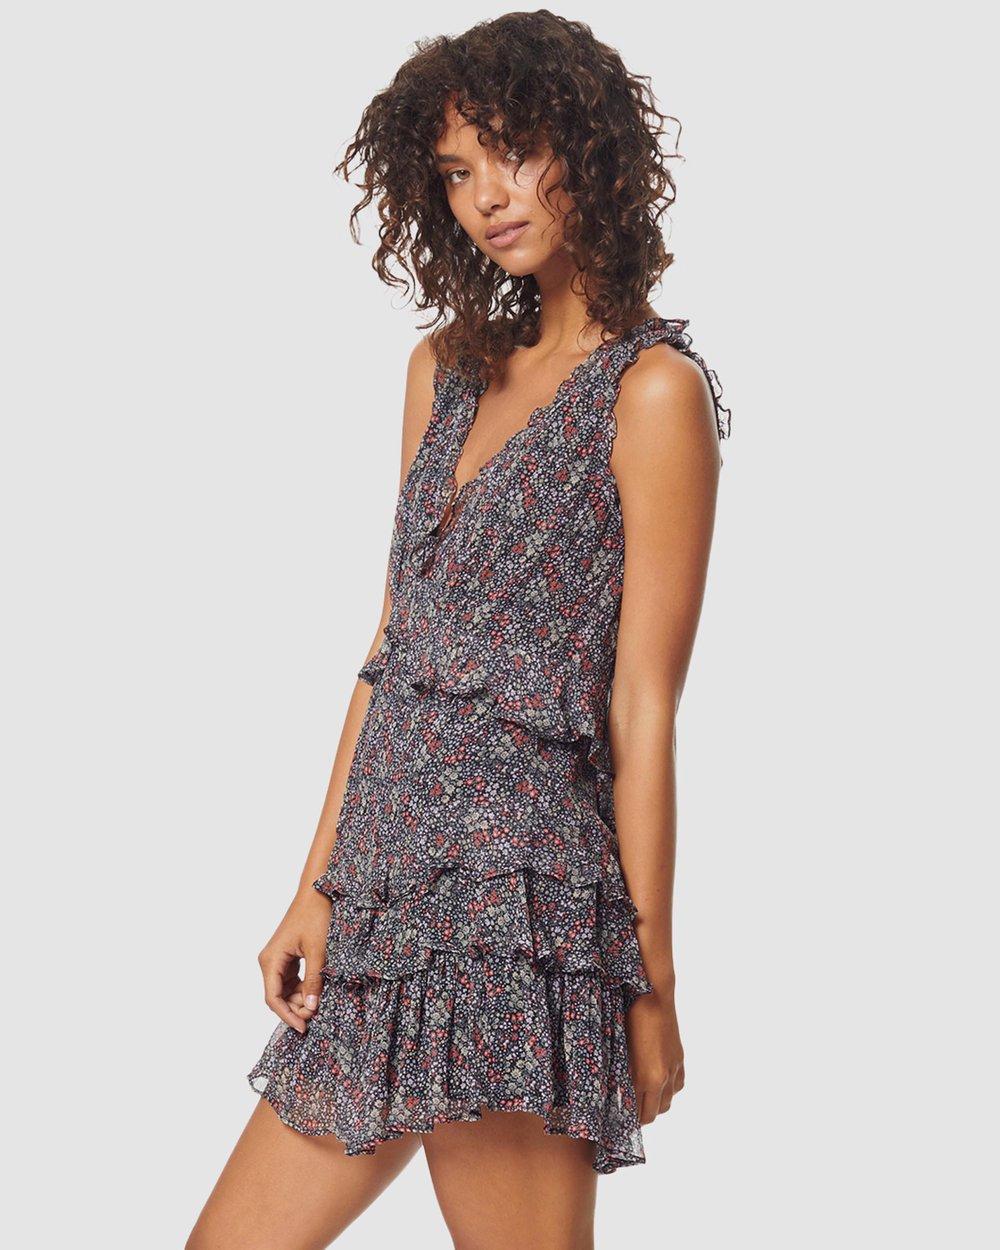 edce971cef7c8 Gazelle Mini Dress by Stevie May Online